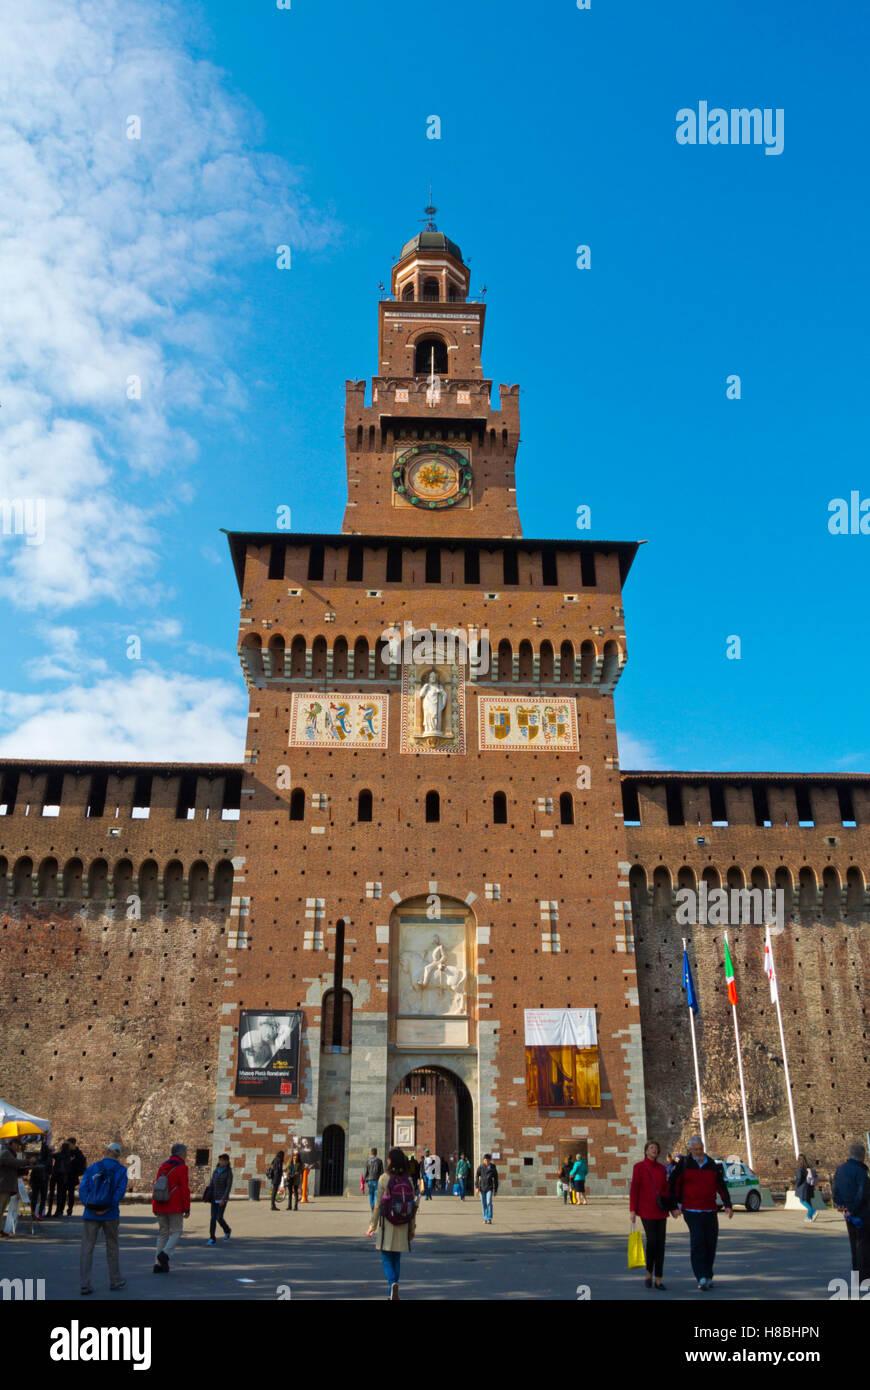 Torre del Filarete, Castello Sforzesco, Parco Sempione, Milan, Lombardy, Italy - Stock Image